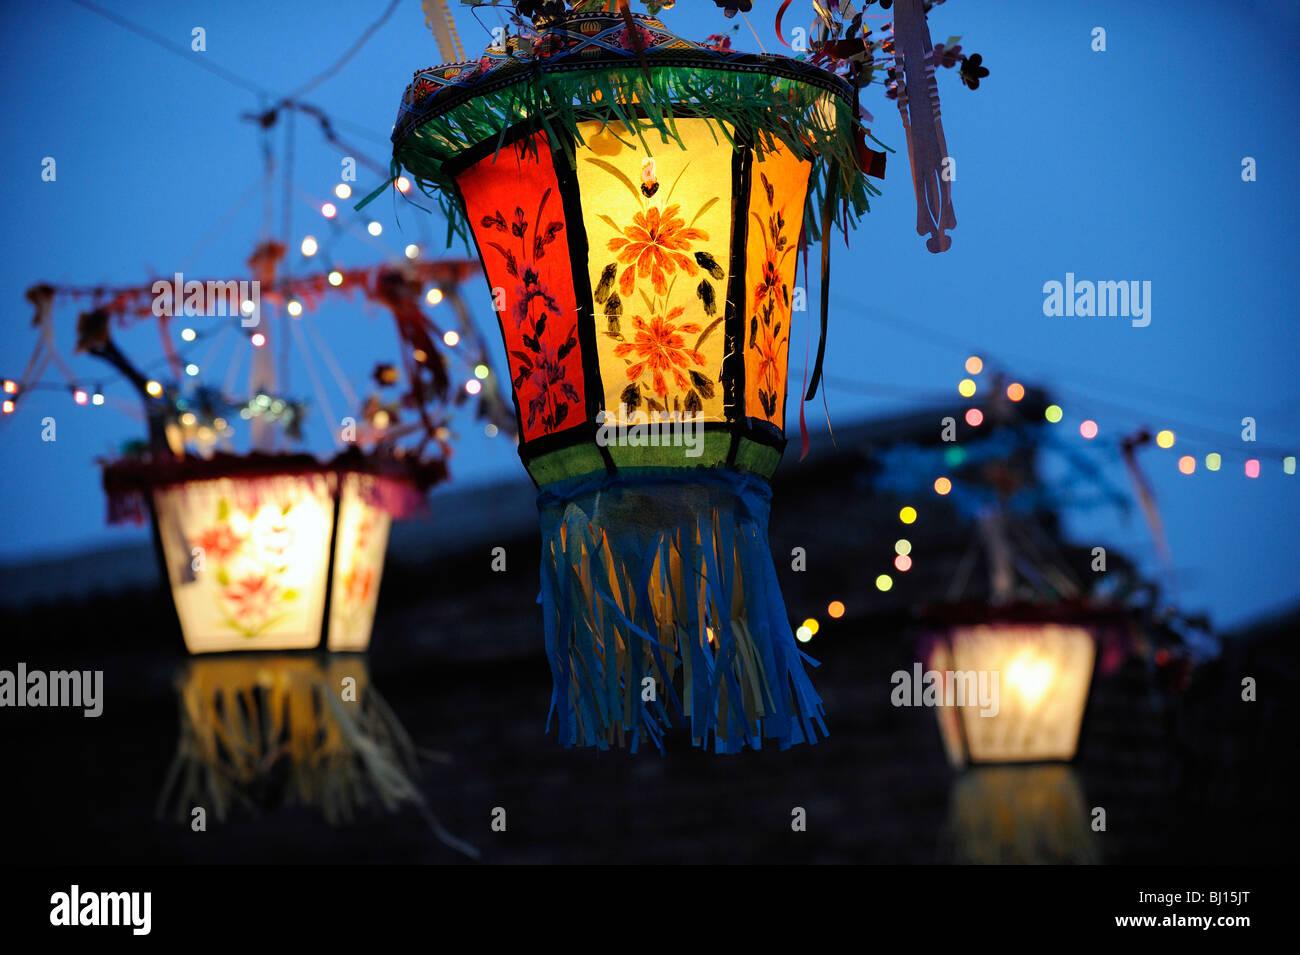 Lanternes à la main pendant la Fête du Printemps à Yuxian, province de Hebei, Chine. 27-Feb-2010 Photo Stock